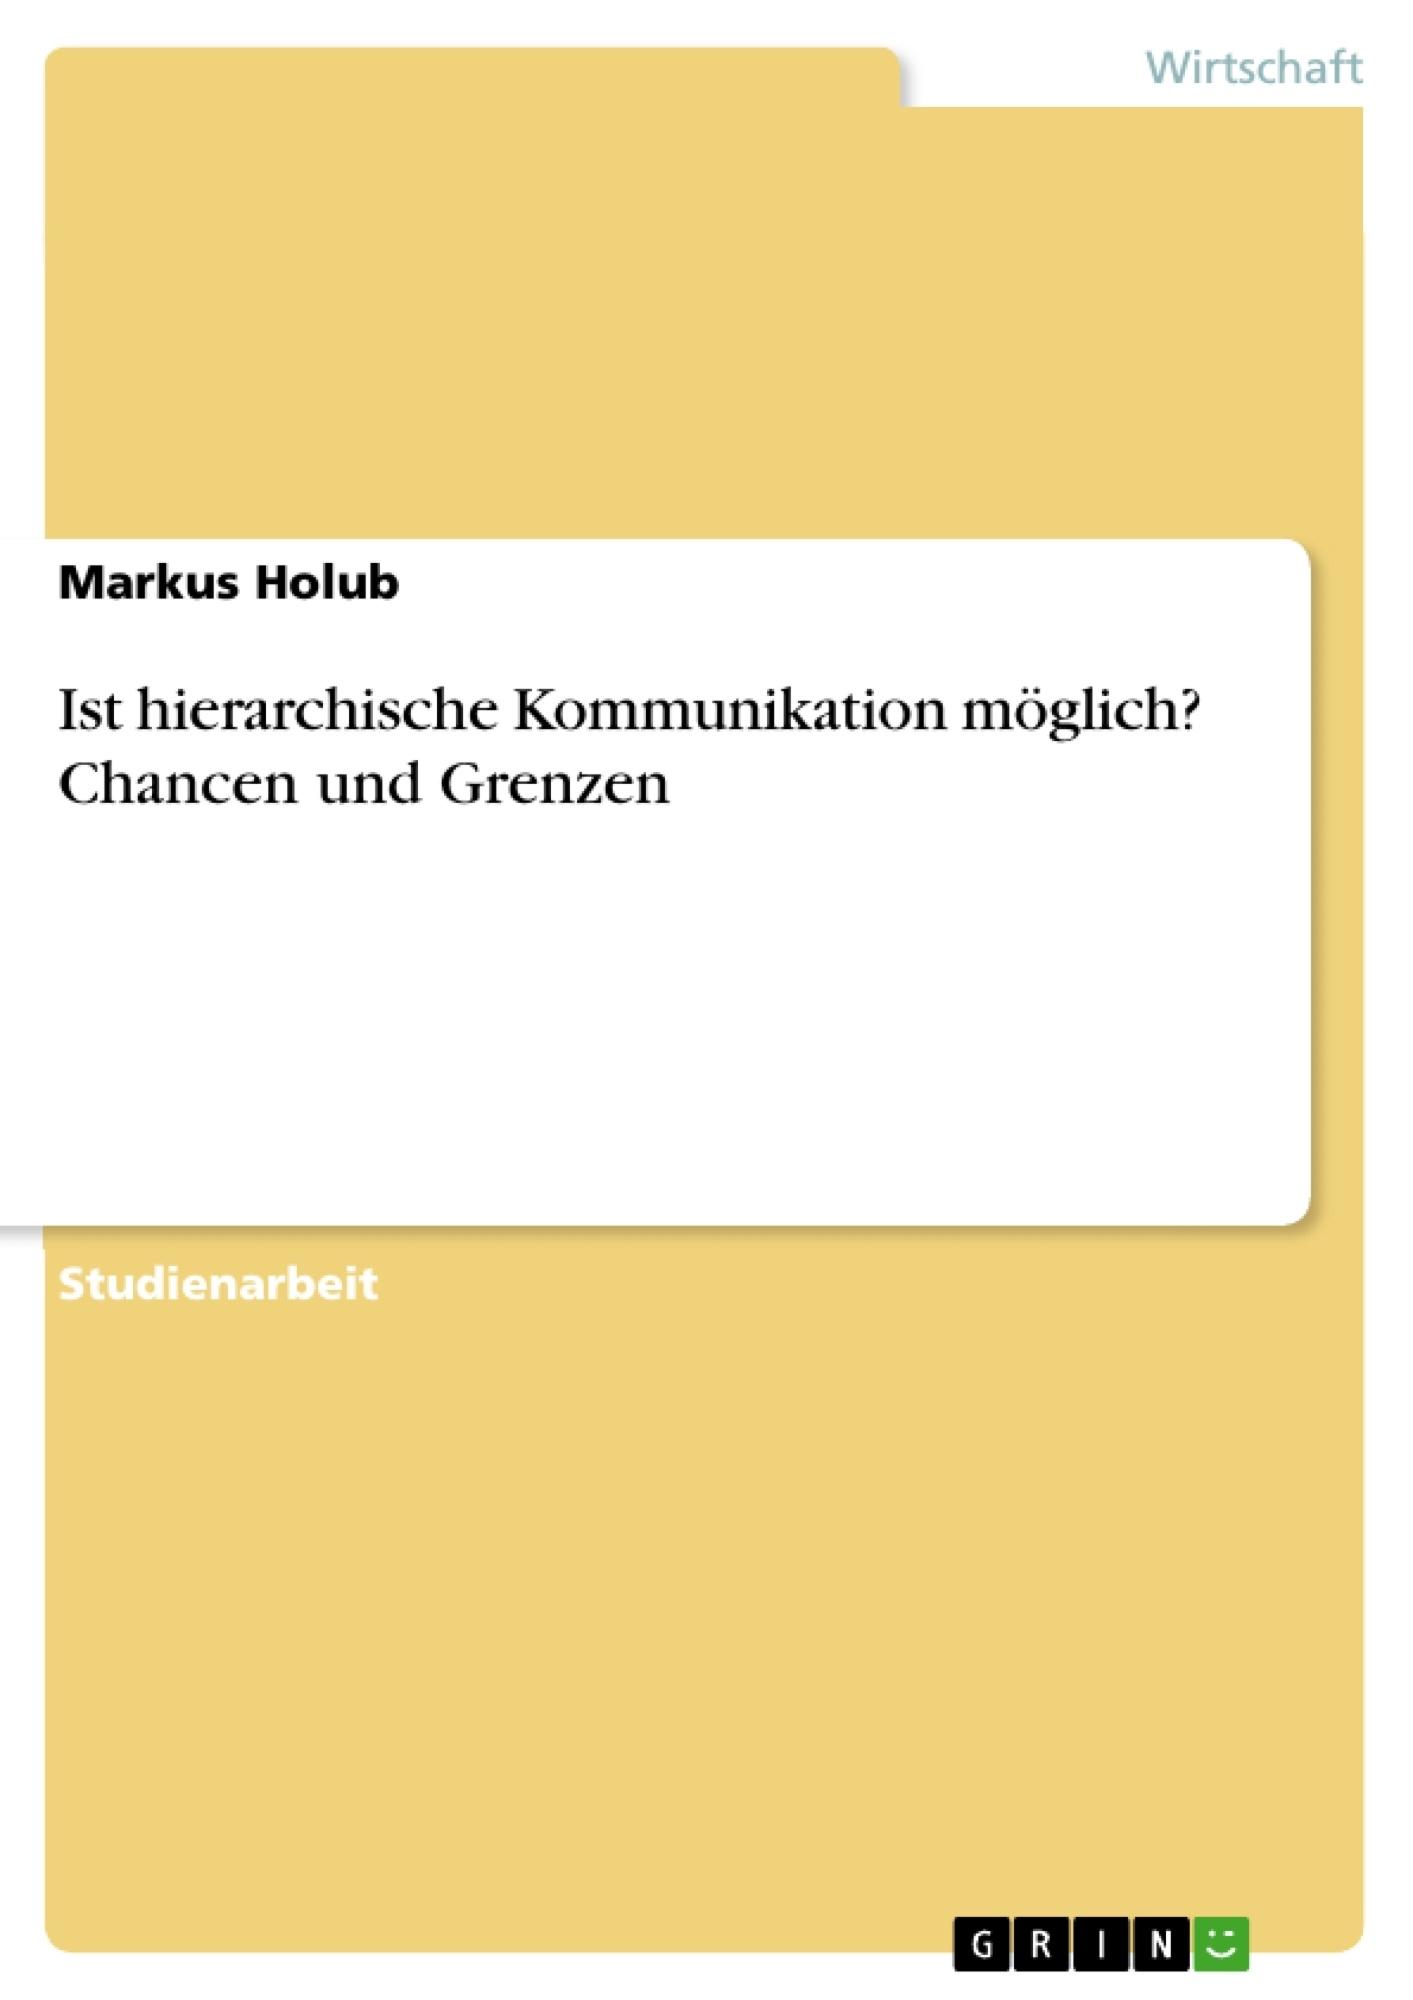 Titel: Ist hierarchische Kommunikation möglich? Chancen und Grenzen